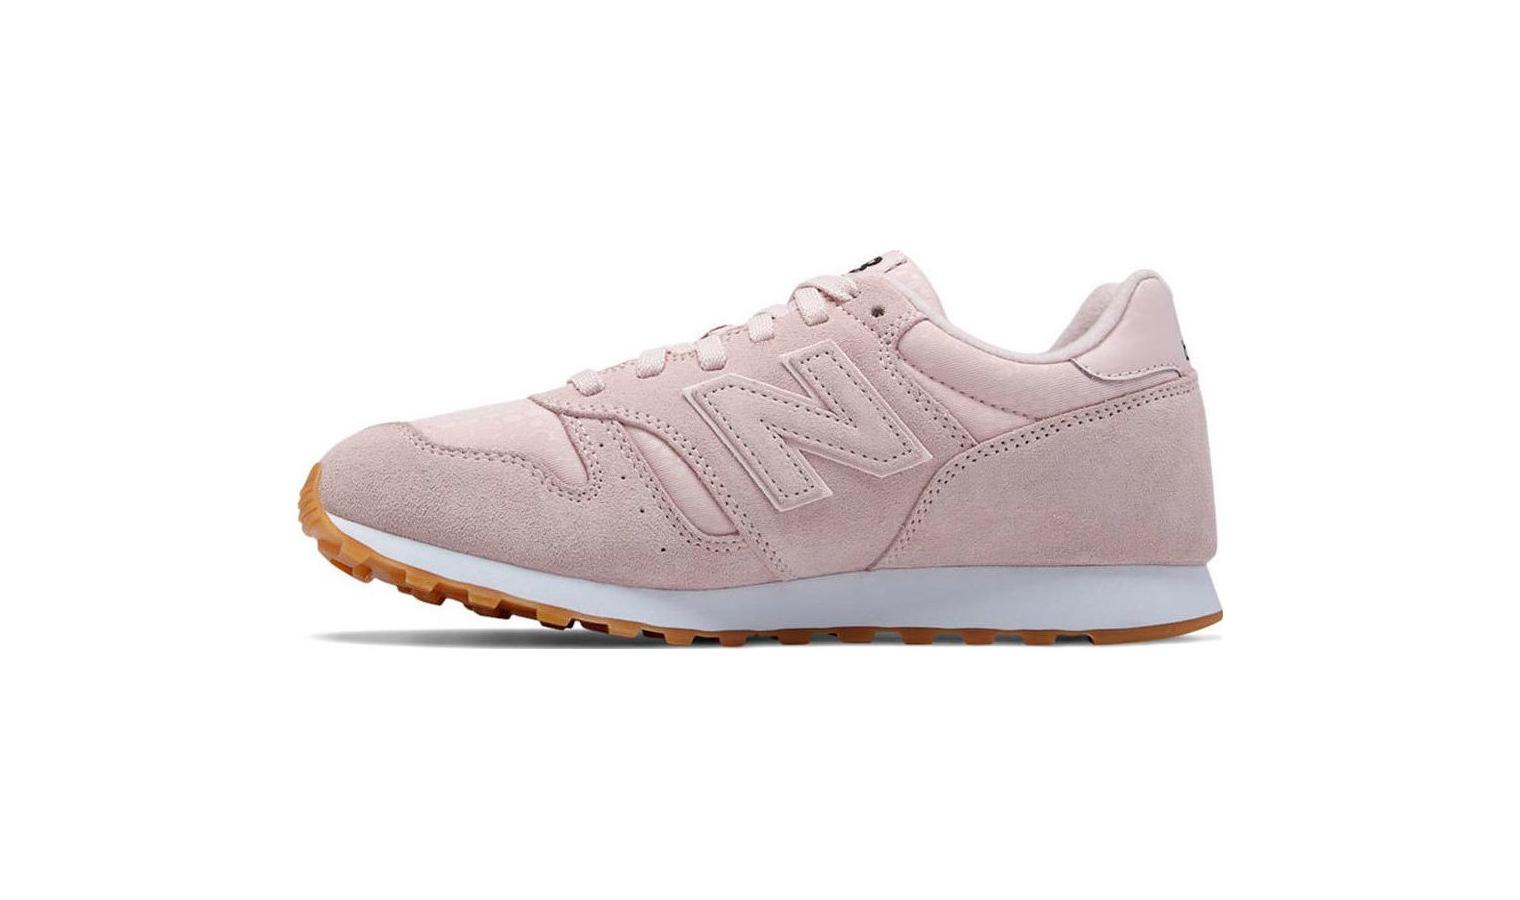 Dámské tenisky New Balance WL373PP W růžové  5d78581a5e